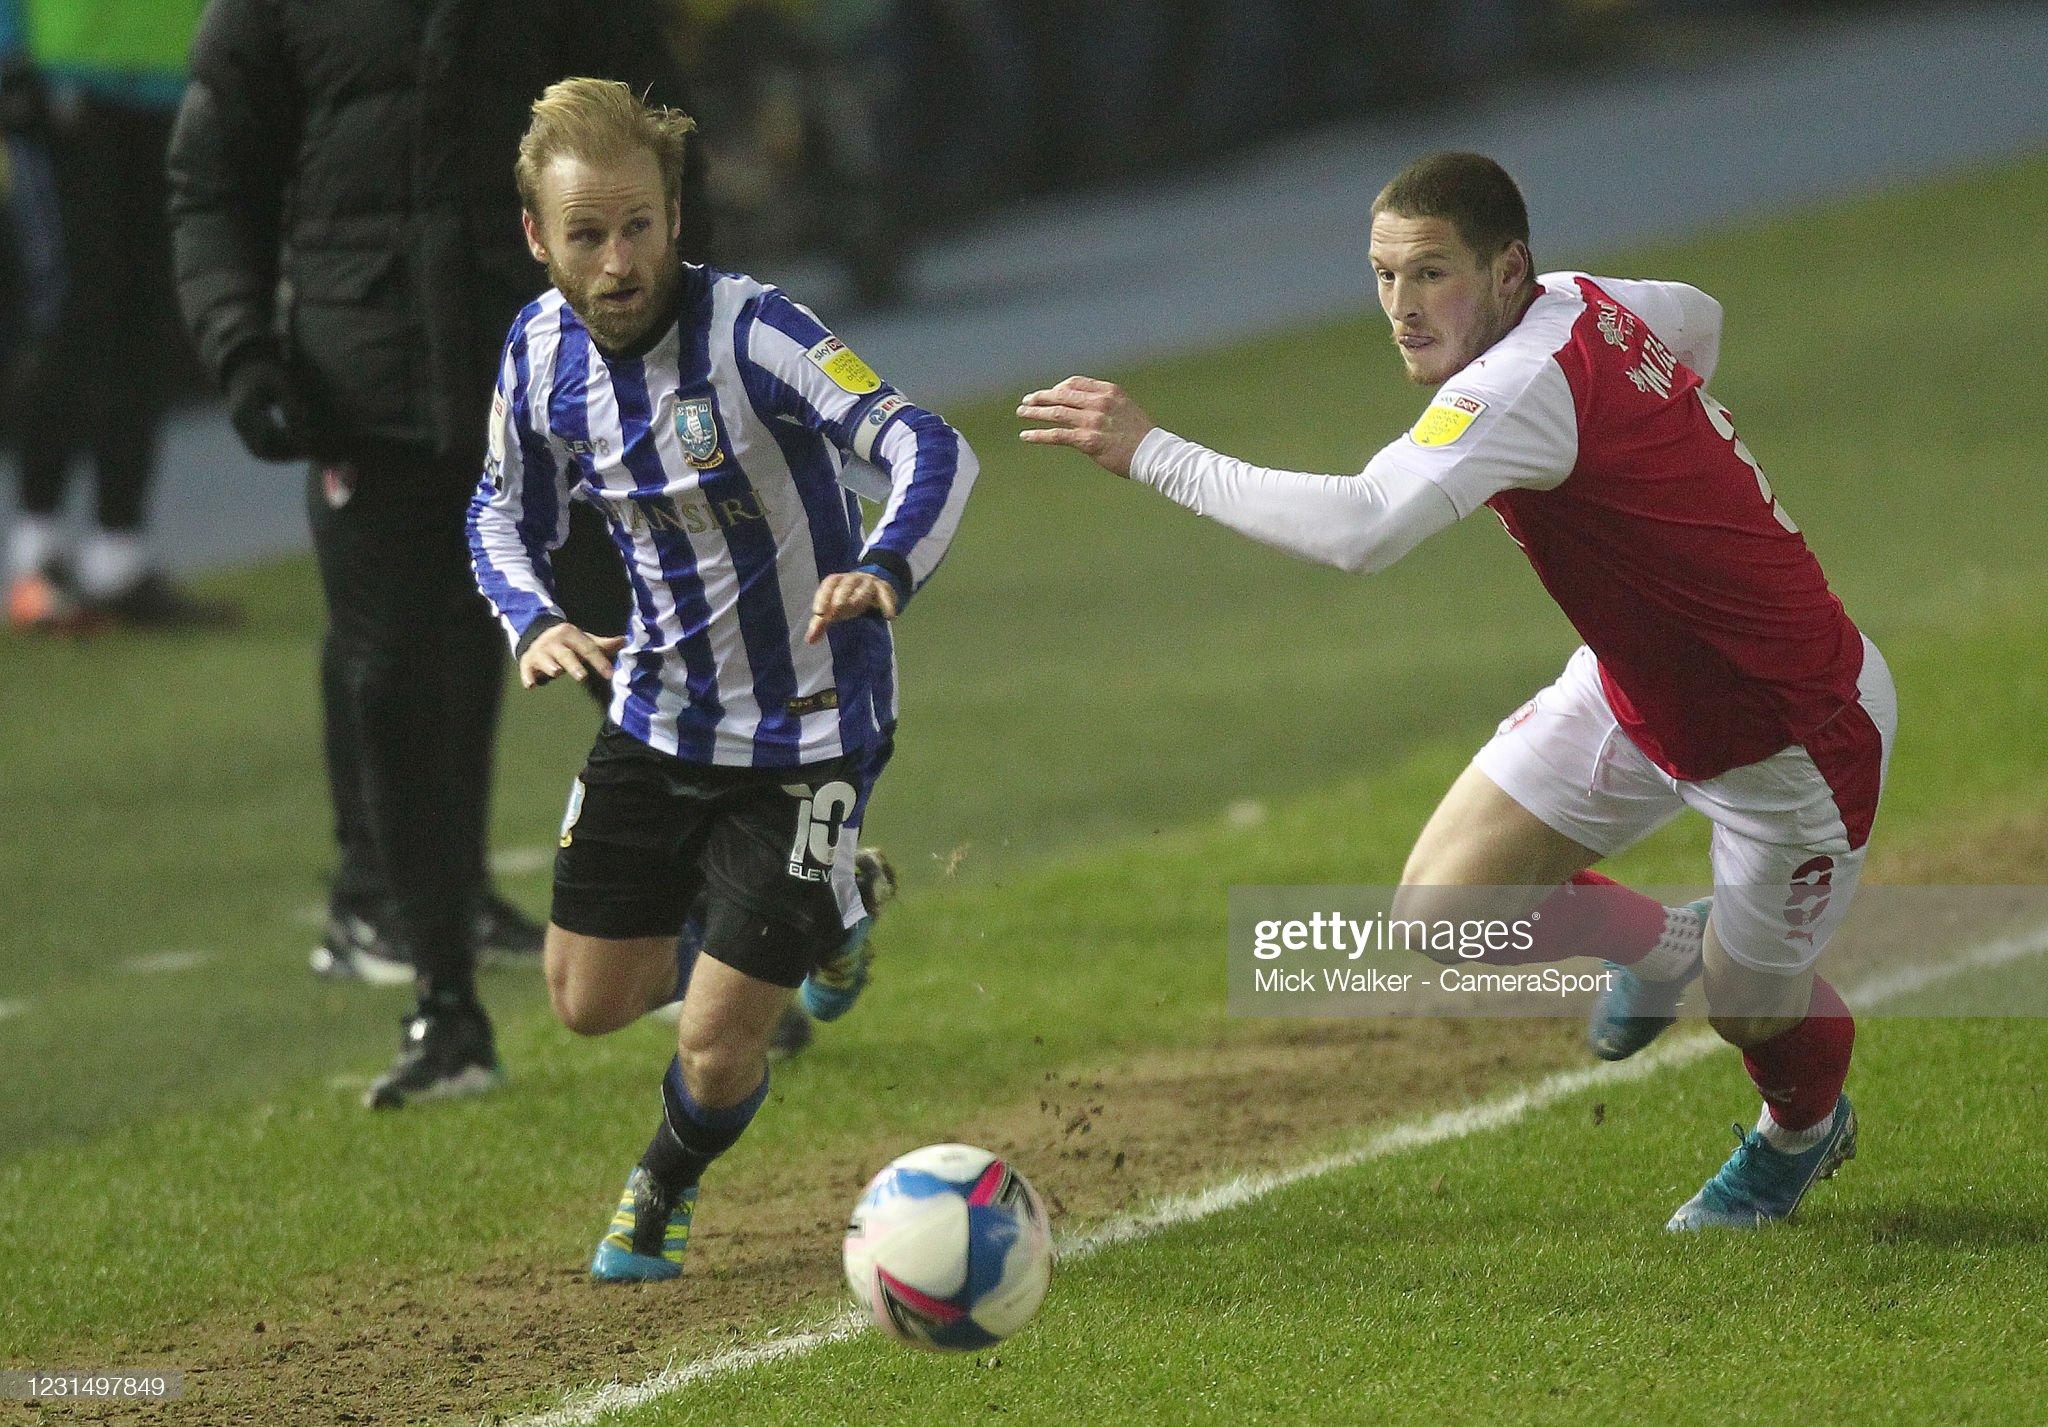 Sheffield Wednesday v Rotherham United - Sky Bet Championship : News Photo